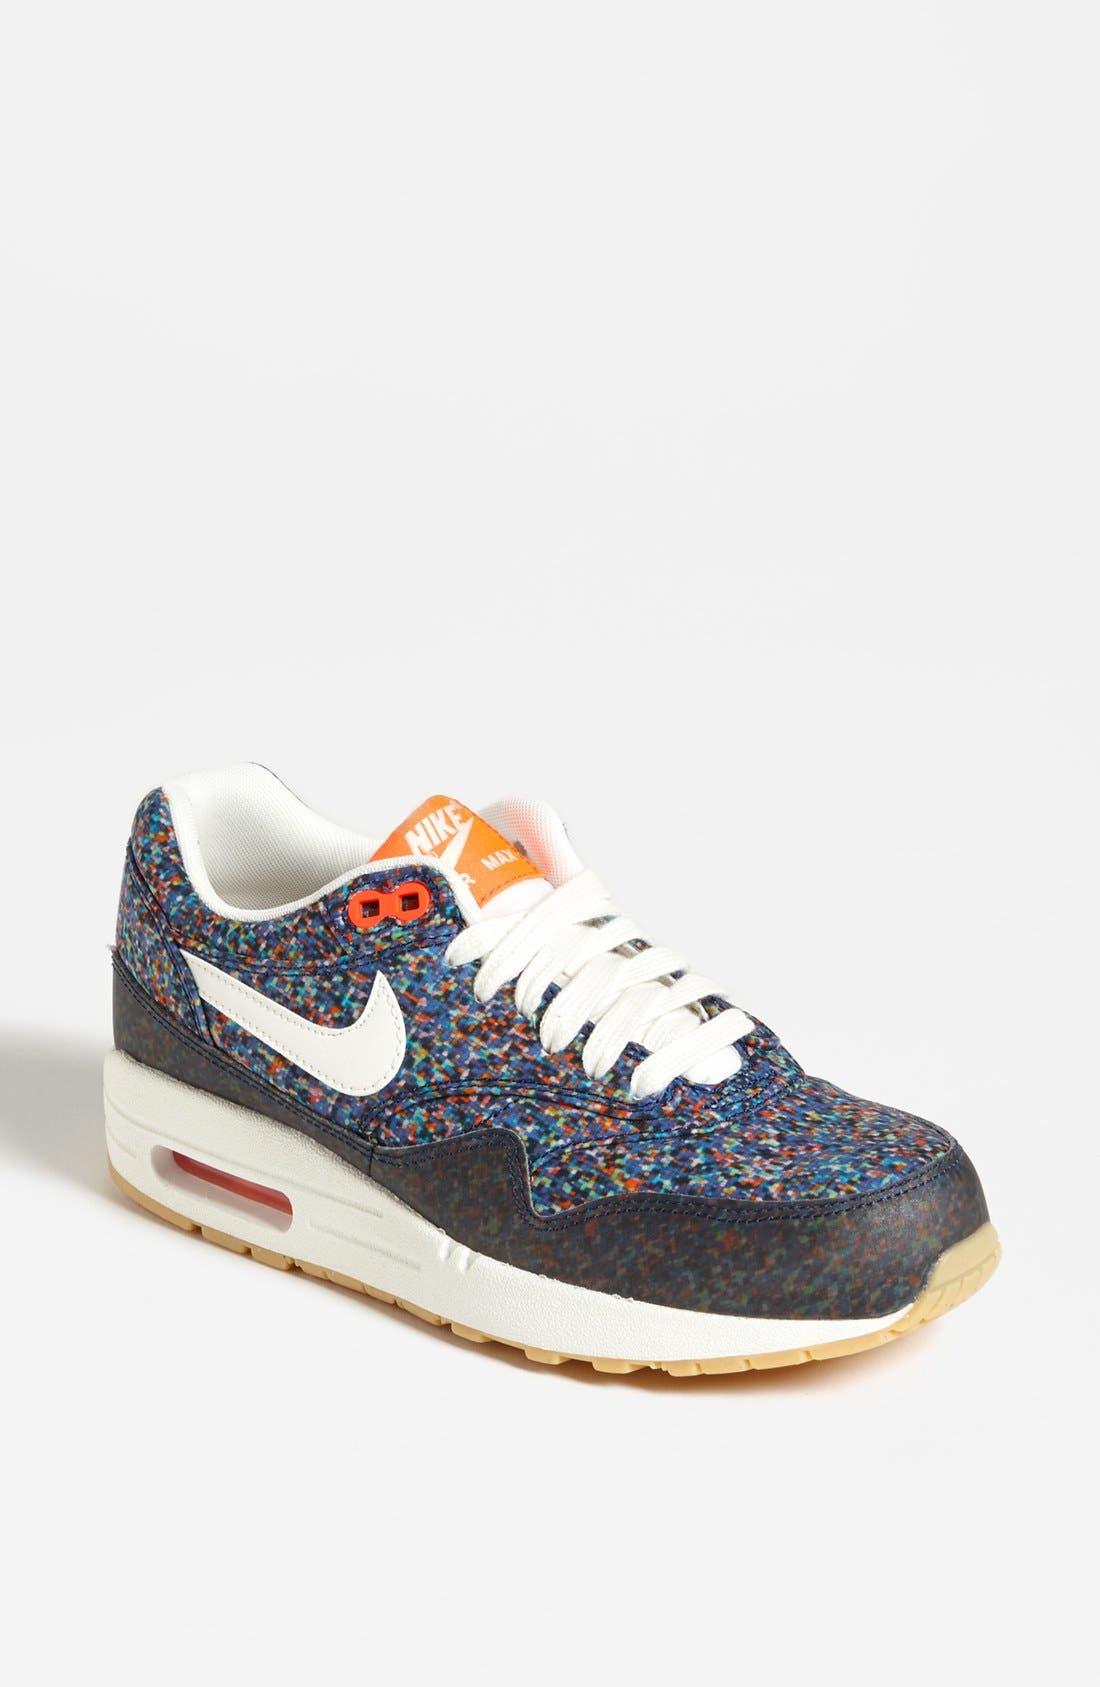 Alternate Image 1 Selected - Nike 'Air Max 1 Liberty' Sneaker (Women) (Exclusive)